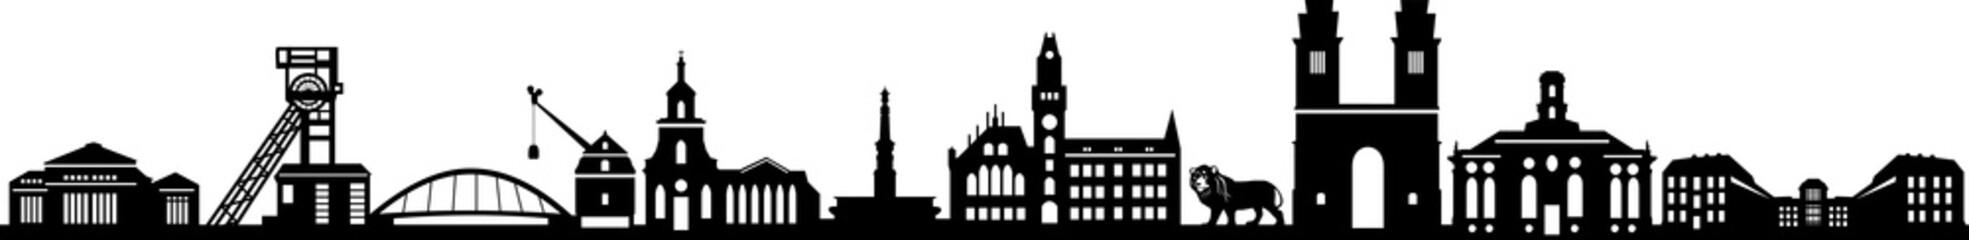 Saarbrücken Skyline City